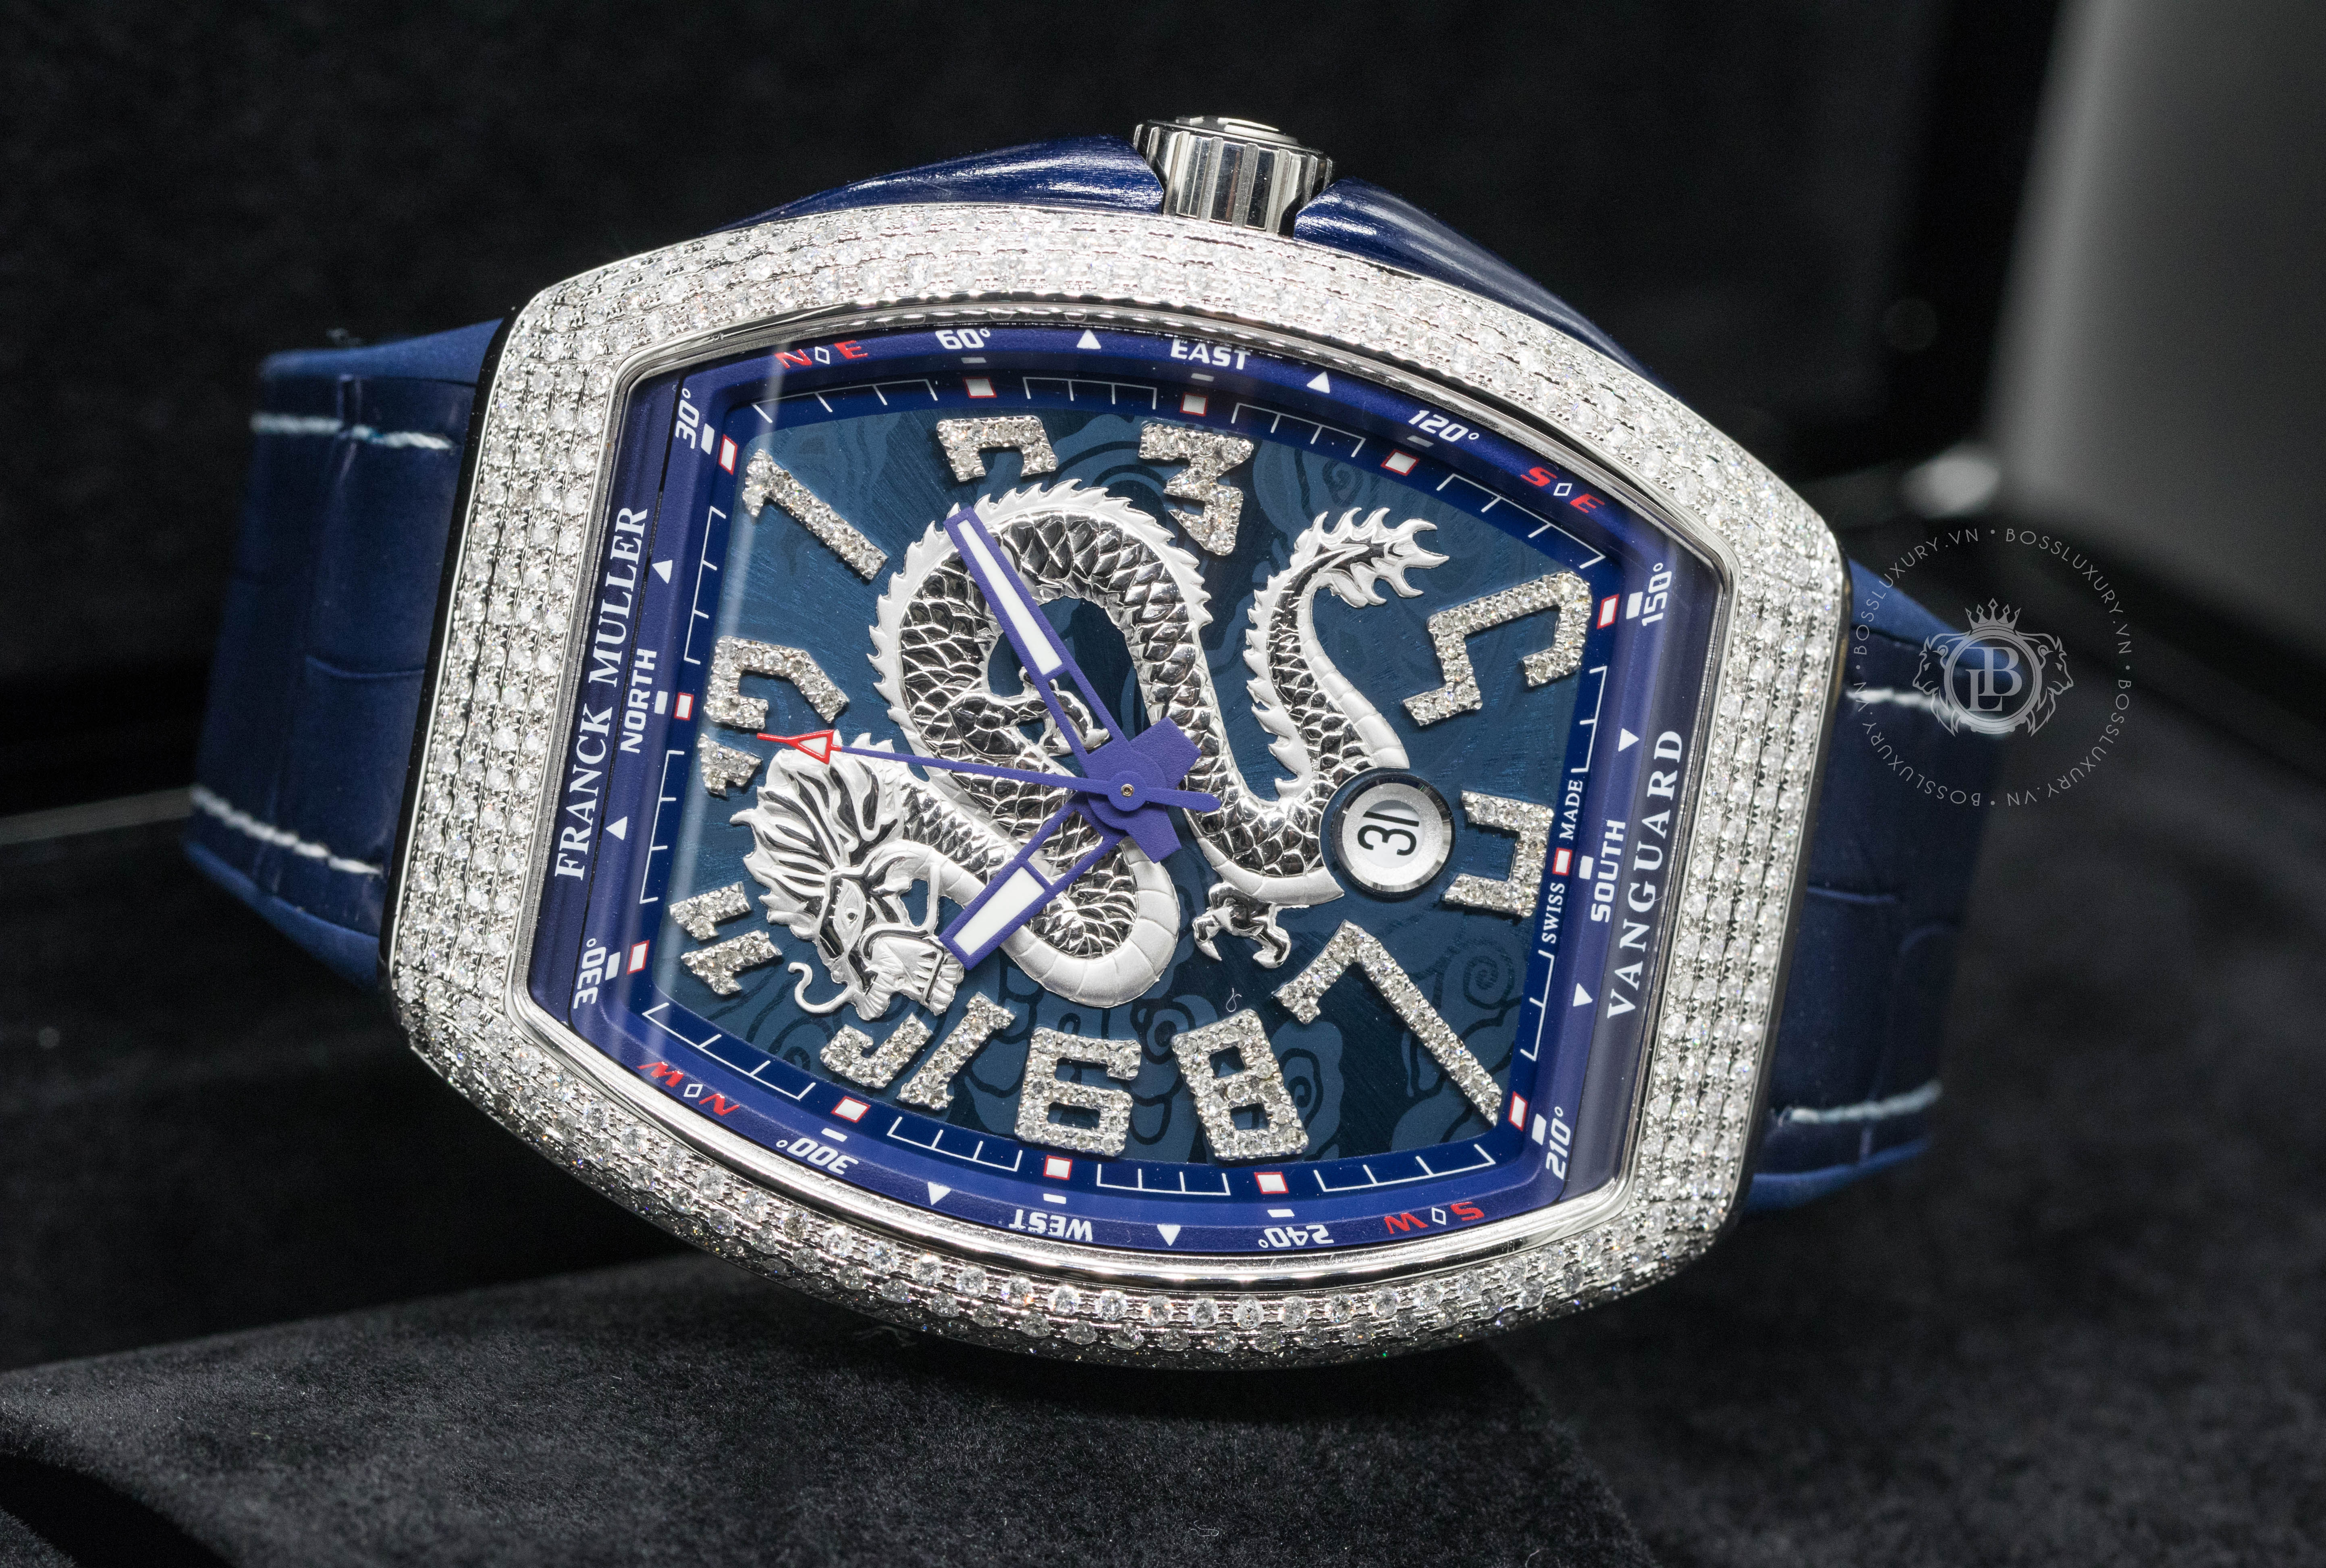 Top 5 mẫu dây đồng hồ Franck Muller được ưa chuộng nhất hiện nay